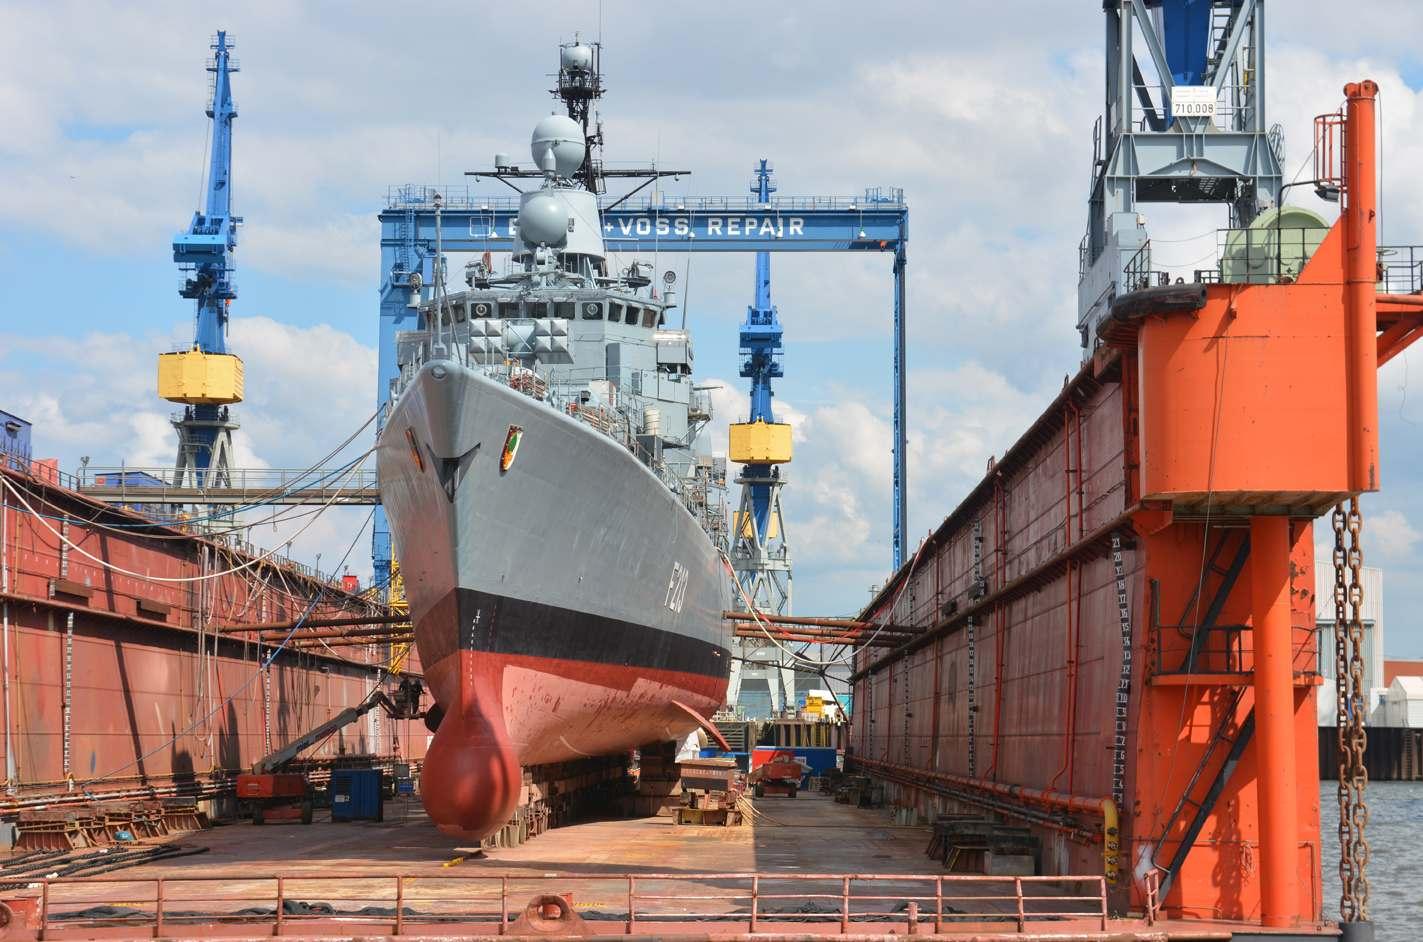 Czyszczenie kadłubów statków imetody usuwania powłok wprzemyśle morskim